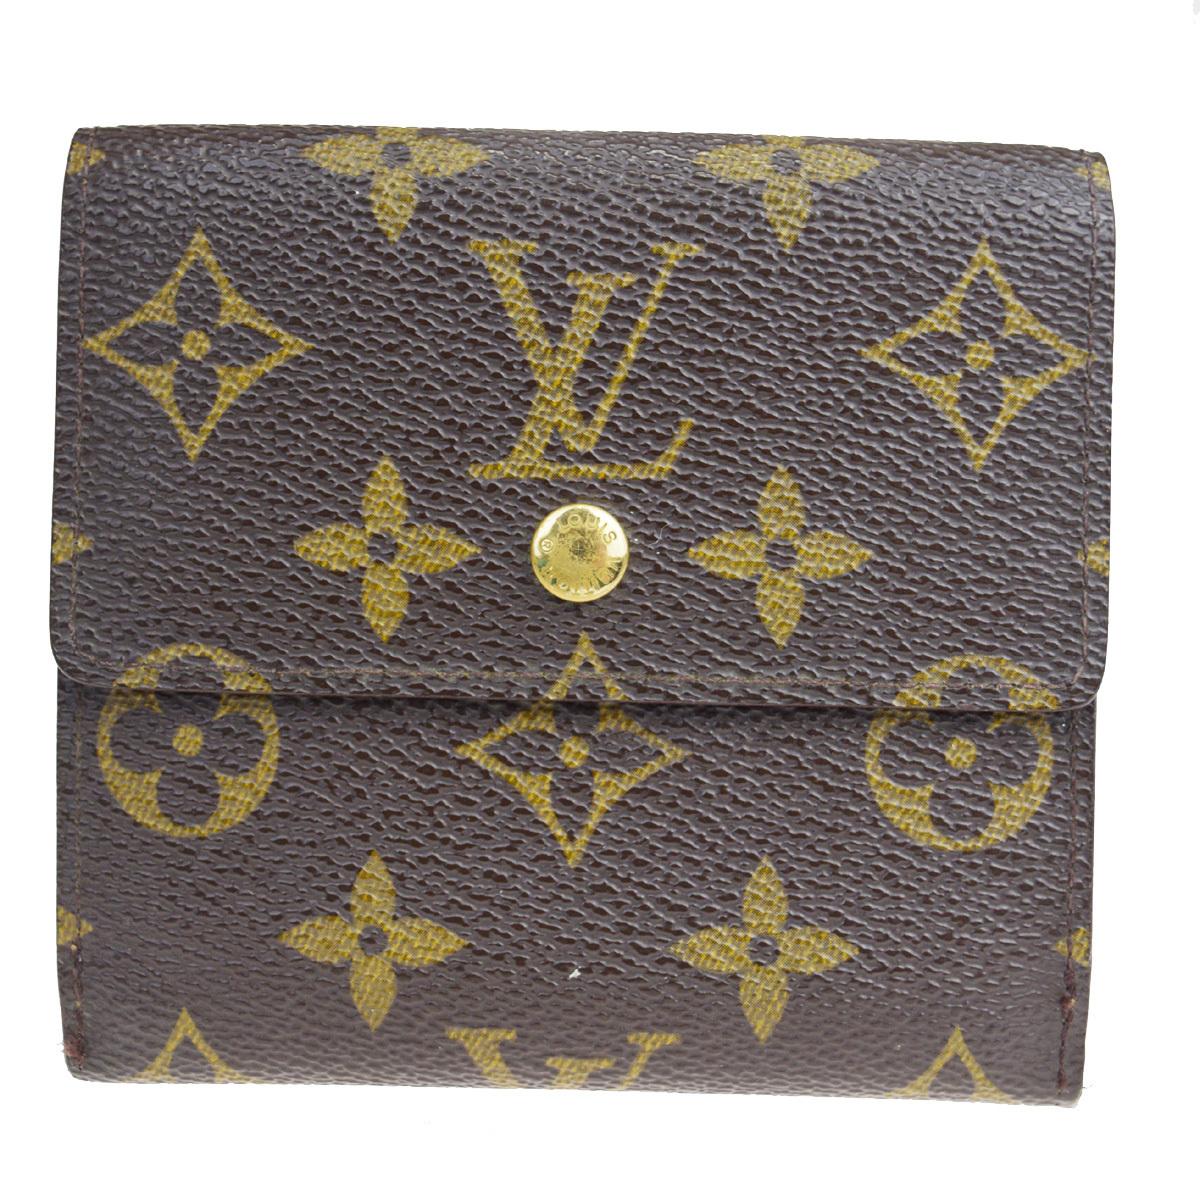 【中古】 ルイ・ヴィトン(Louis Vuitton) ポルトフォイユエリーズ M61654 レザー 財布(三つ折り) ブラウン 08FA980